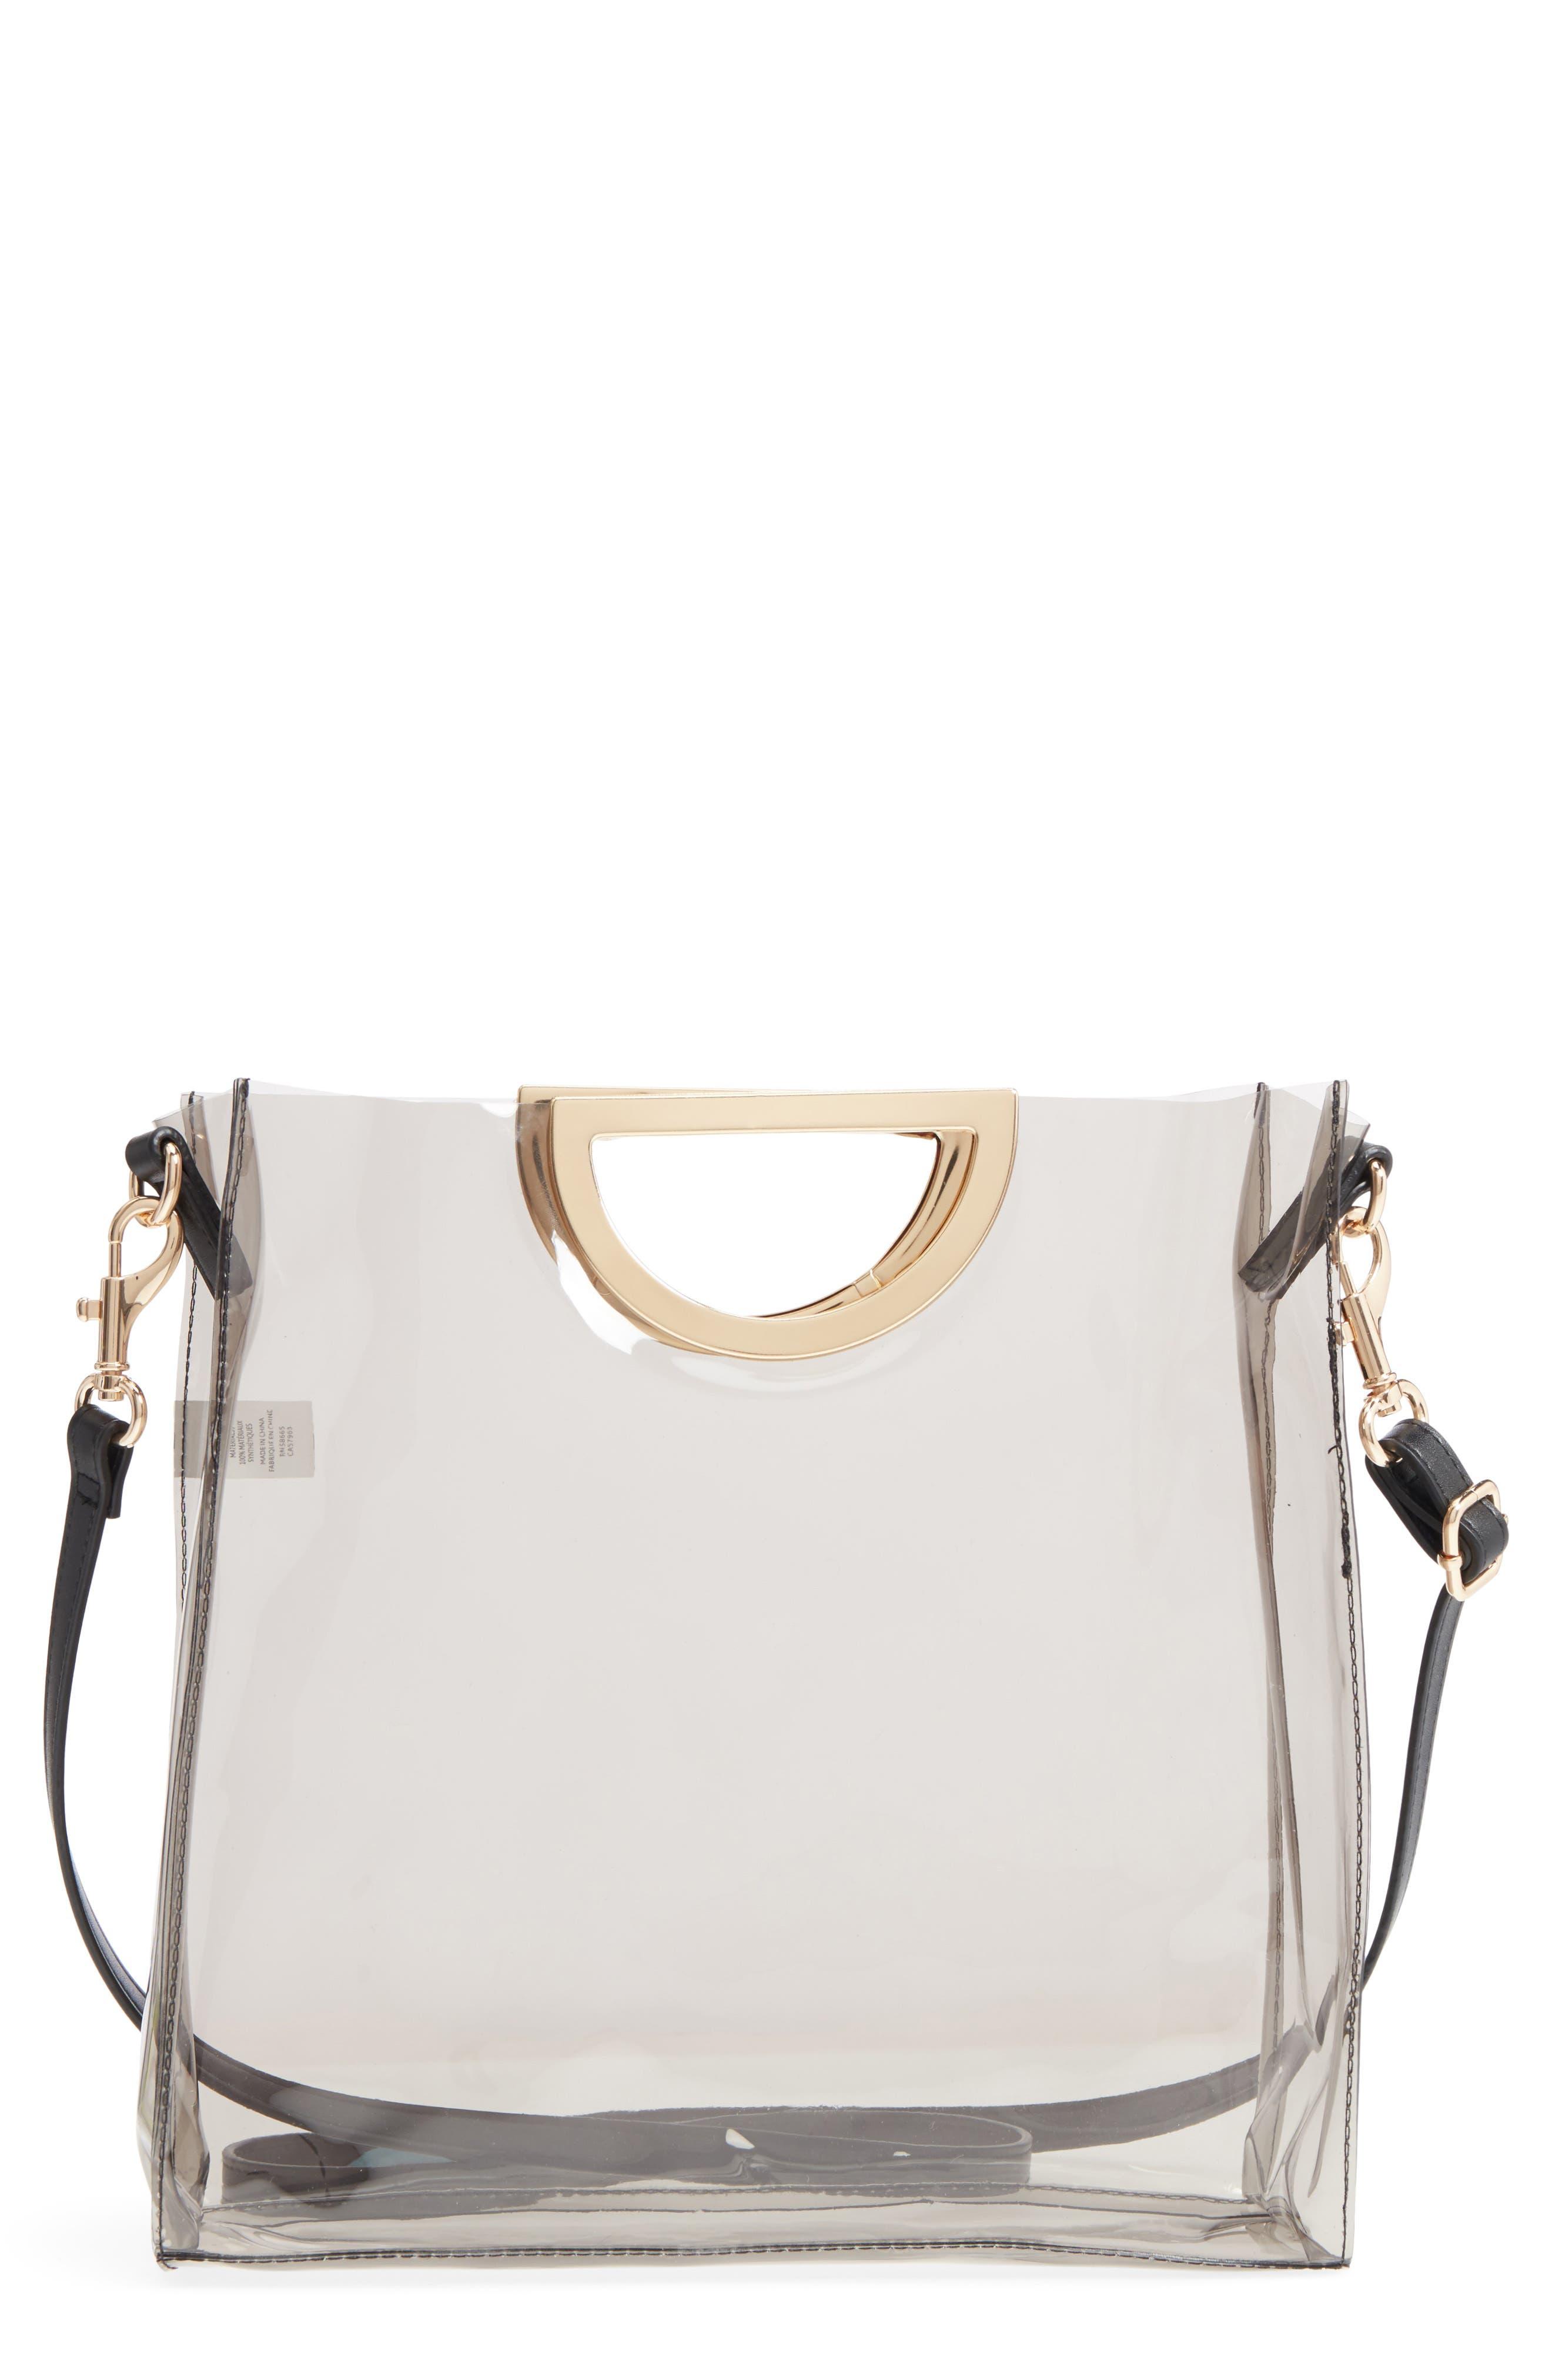 Main Image - BP. Mini Translucent Metal Handle Bag